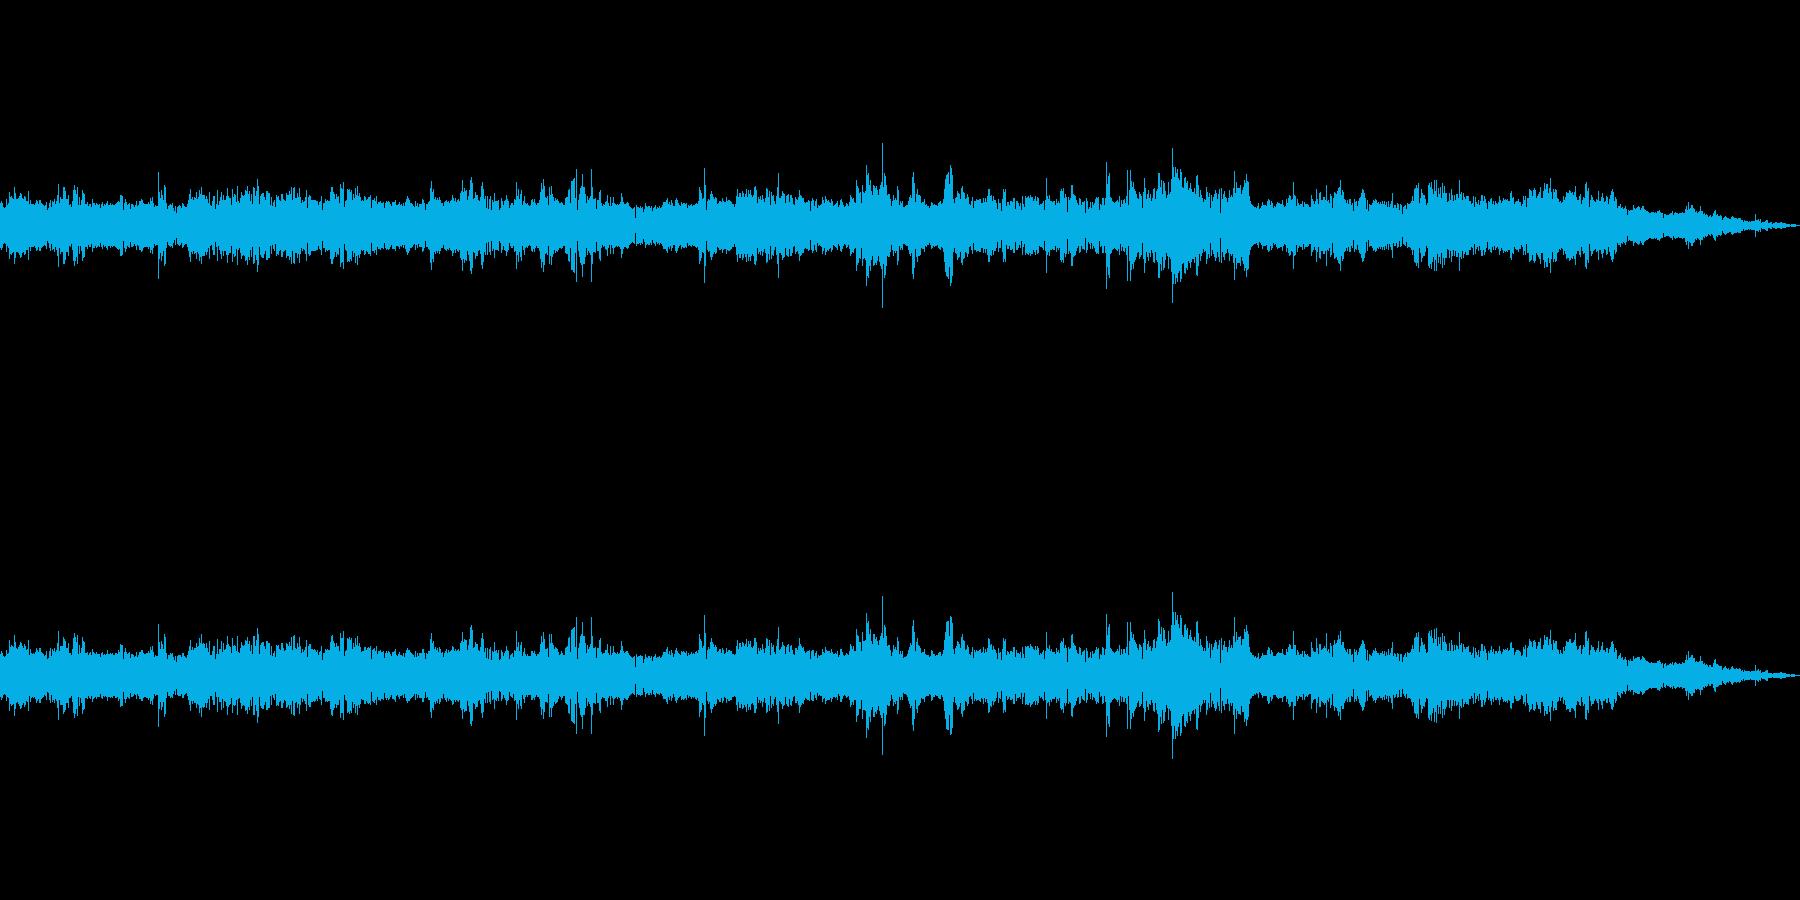 岩が転がる音の再生済みの波形